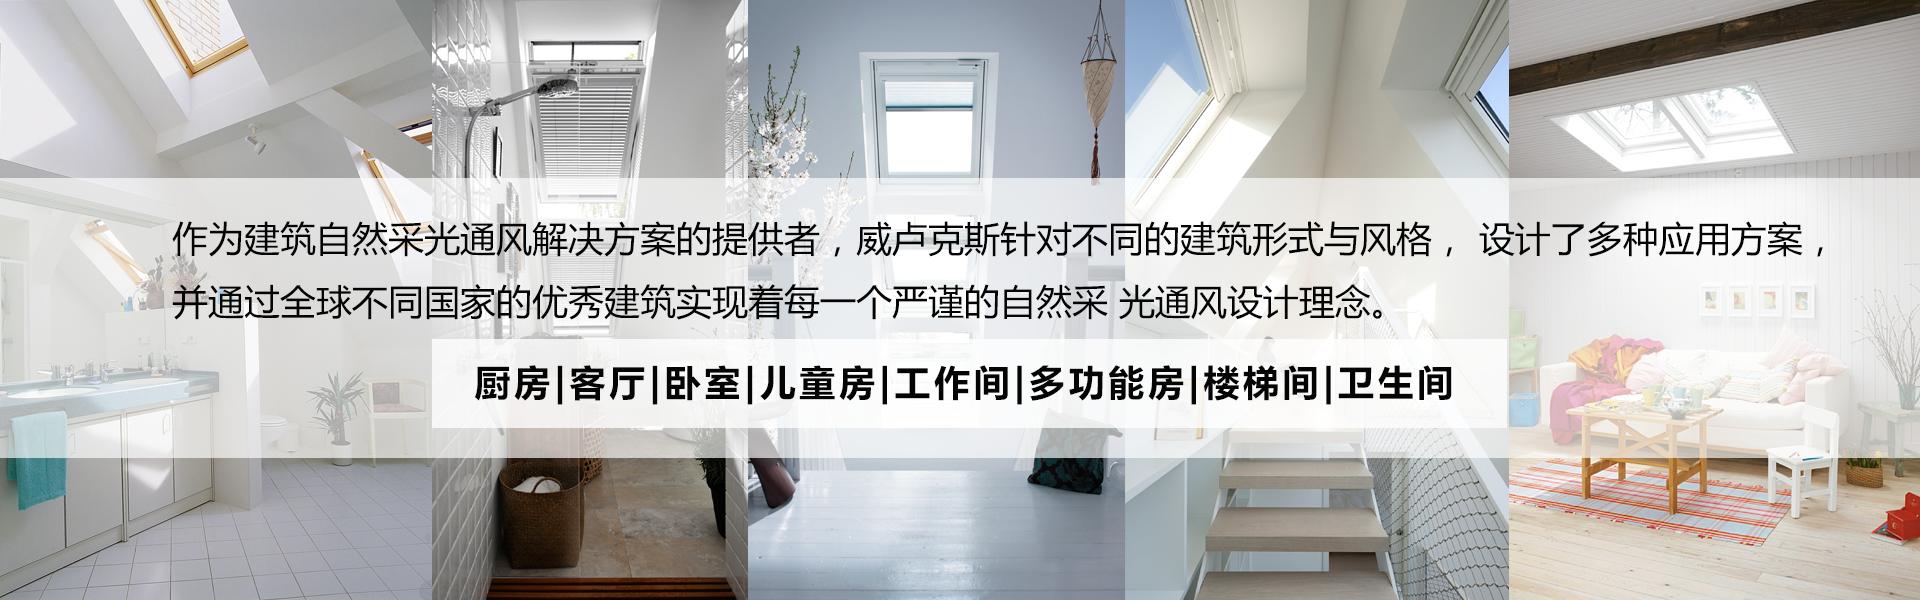 威盧克斯可應用于:廚房|客廳|臥室|兒童房|工作間|多功能房|樓梯間|衛生間